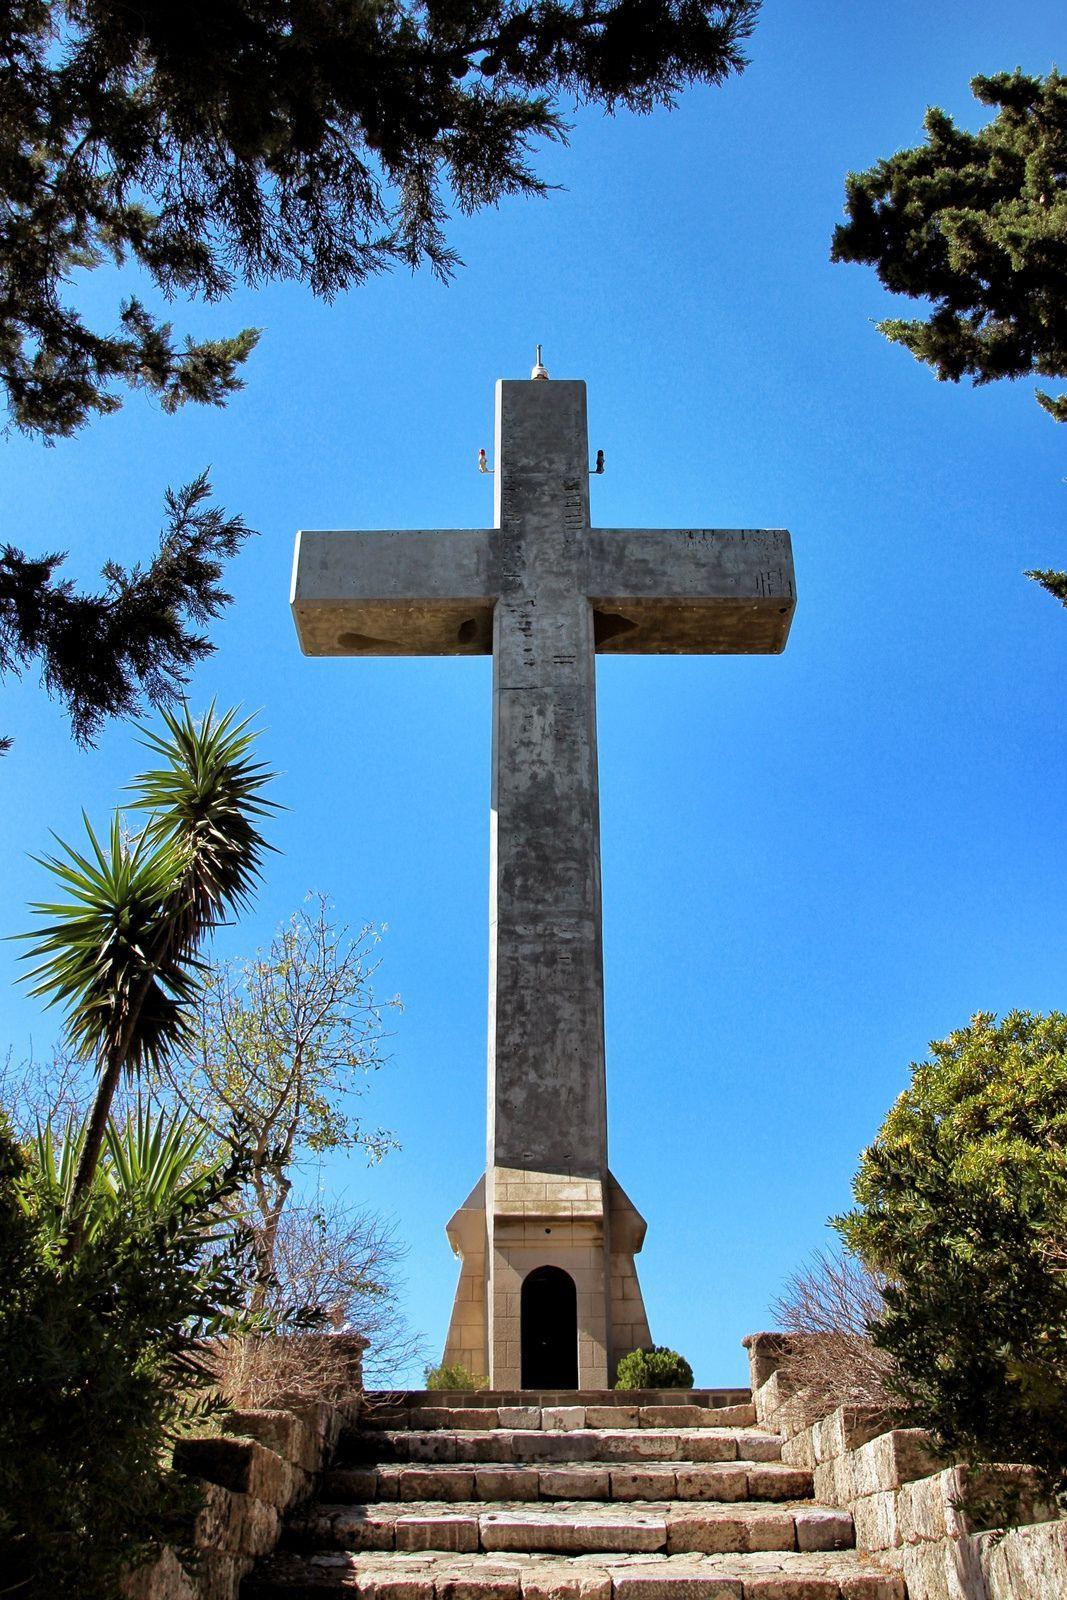 в этом священном месте сталкиваются два направления христианства – православие и католичество. Но они не противостоят друг другу, а сосуществуют в мире